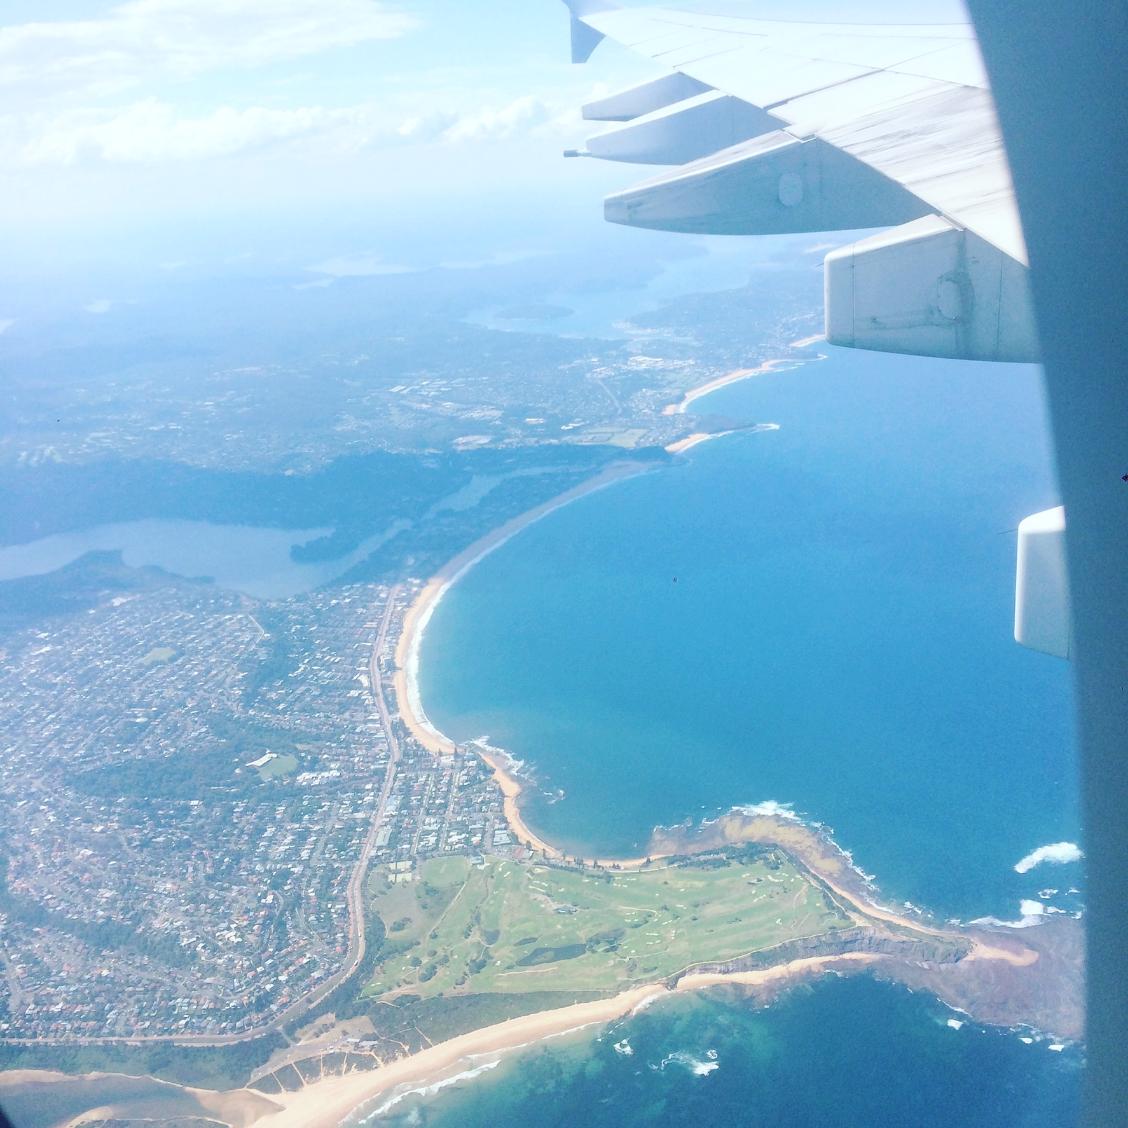 voyage, vacances, départ, mer, soleil